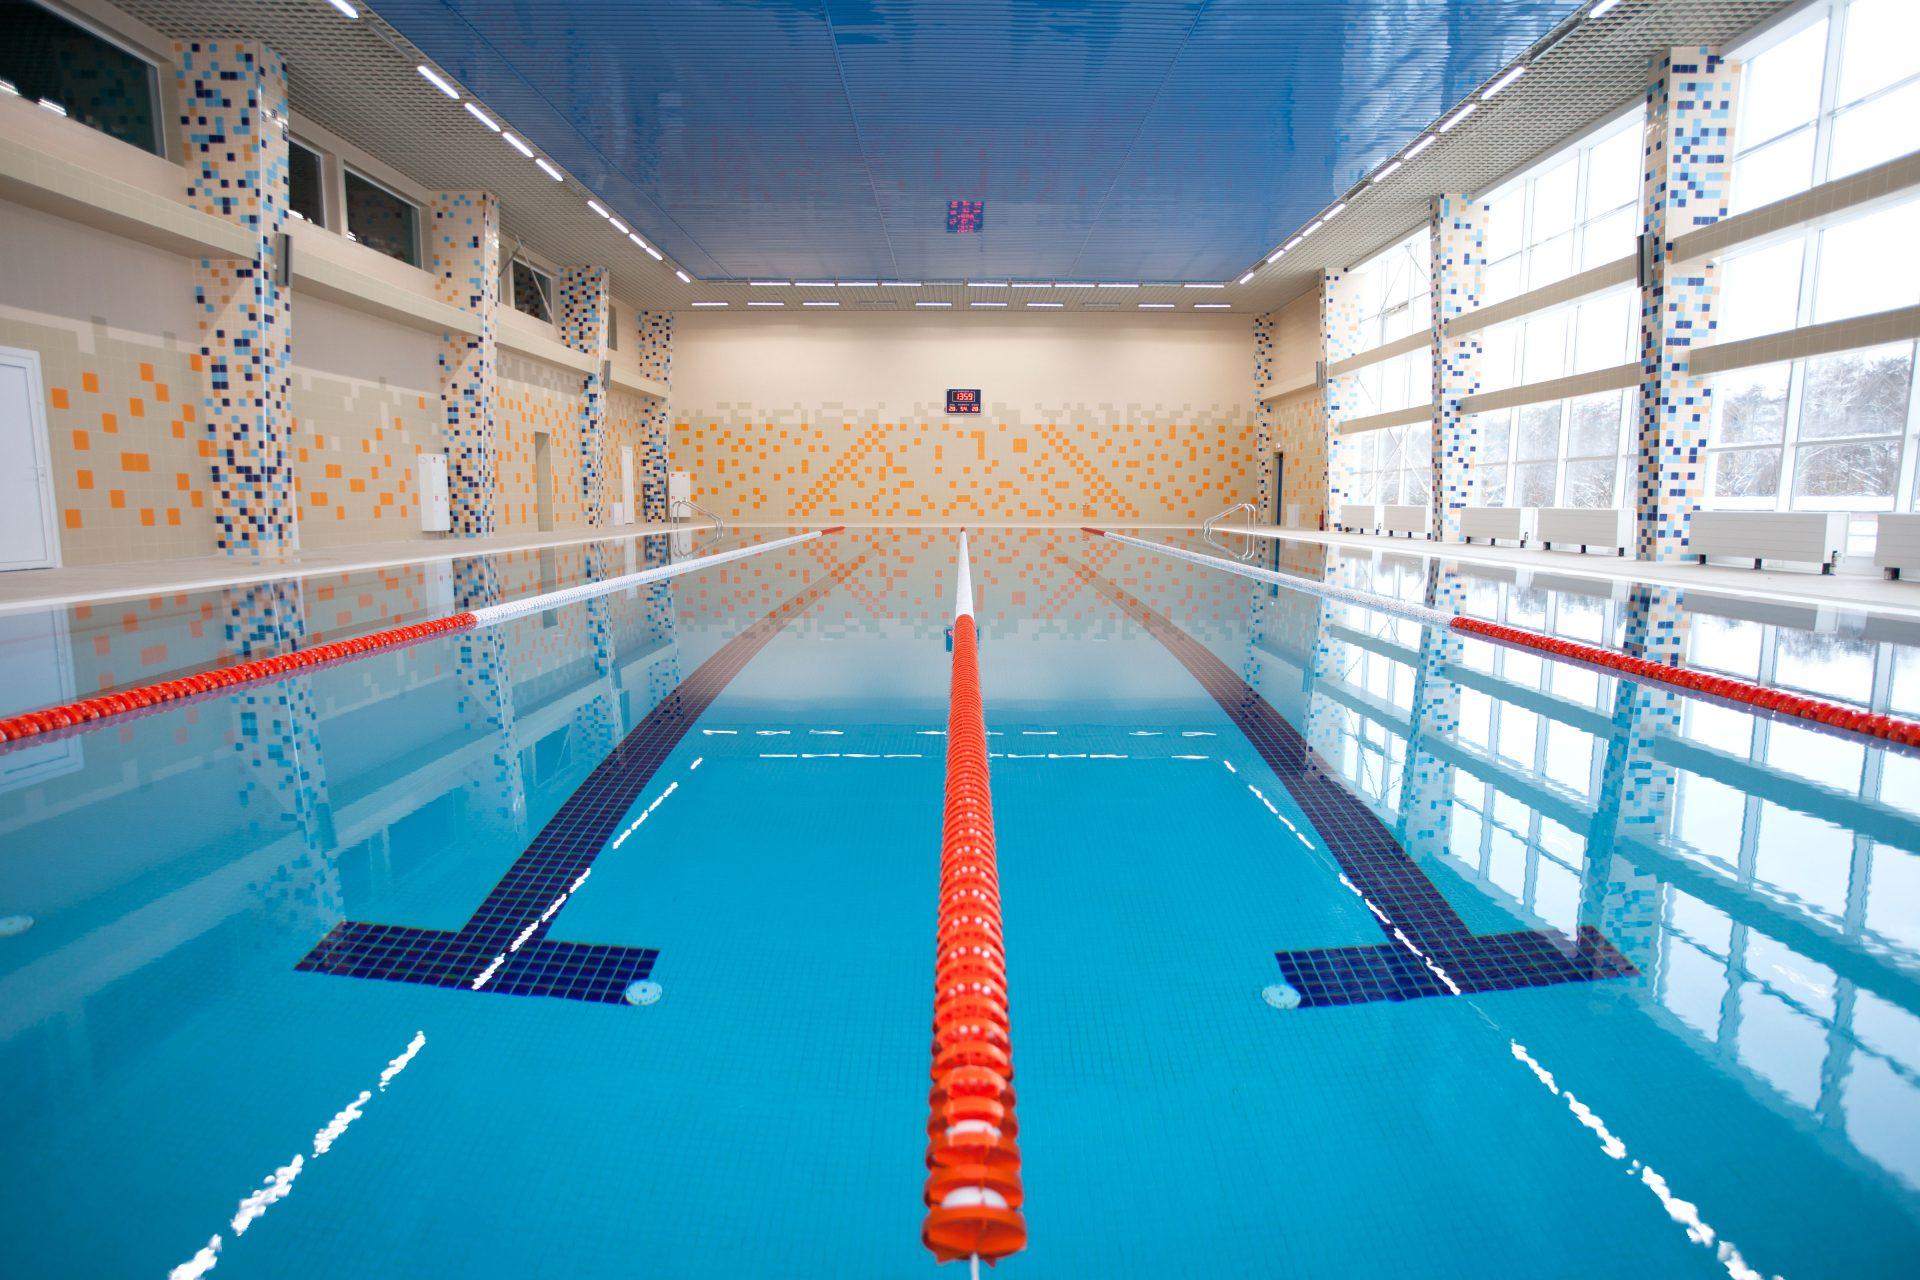 Общественный бассейн с 4 плавательными дорожками Allpools